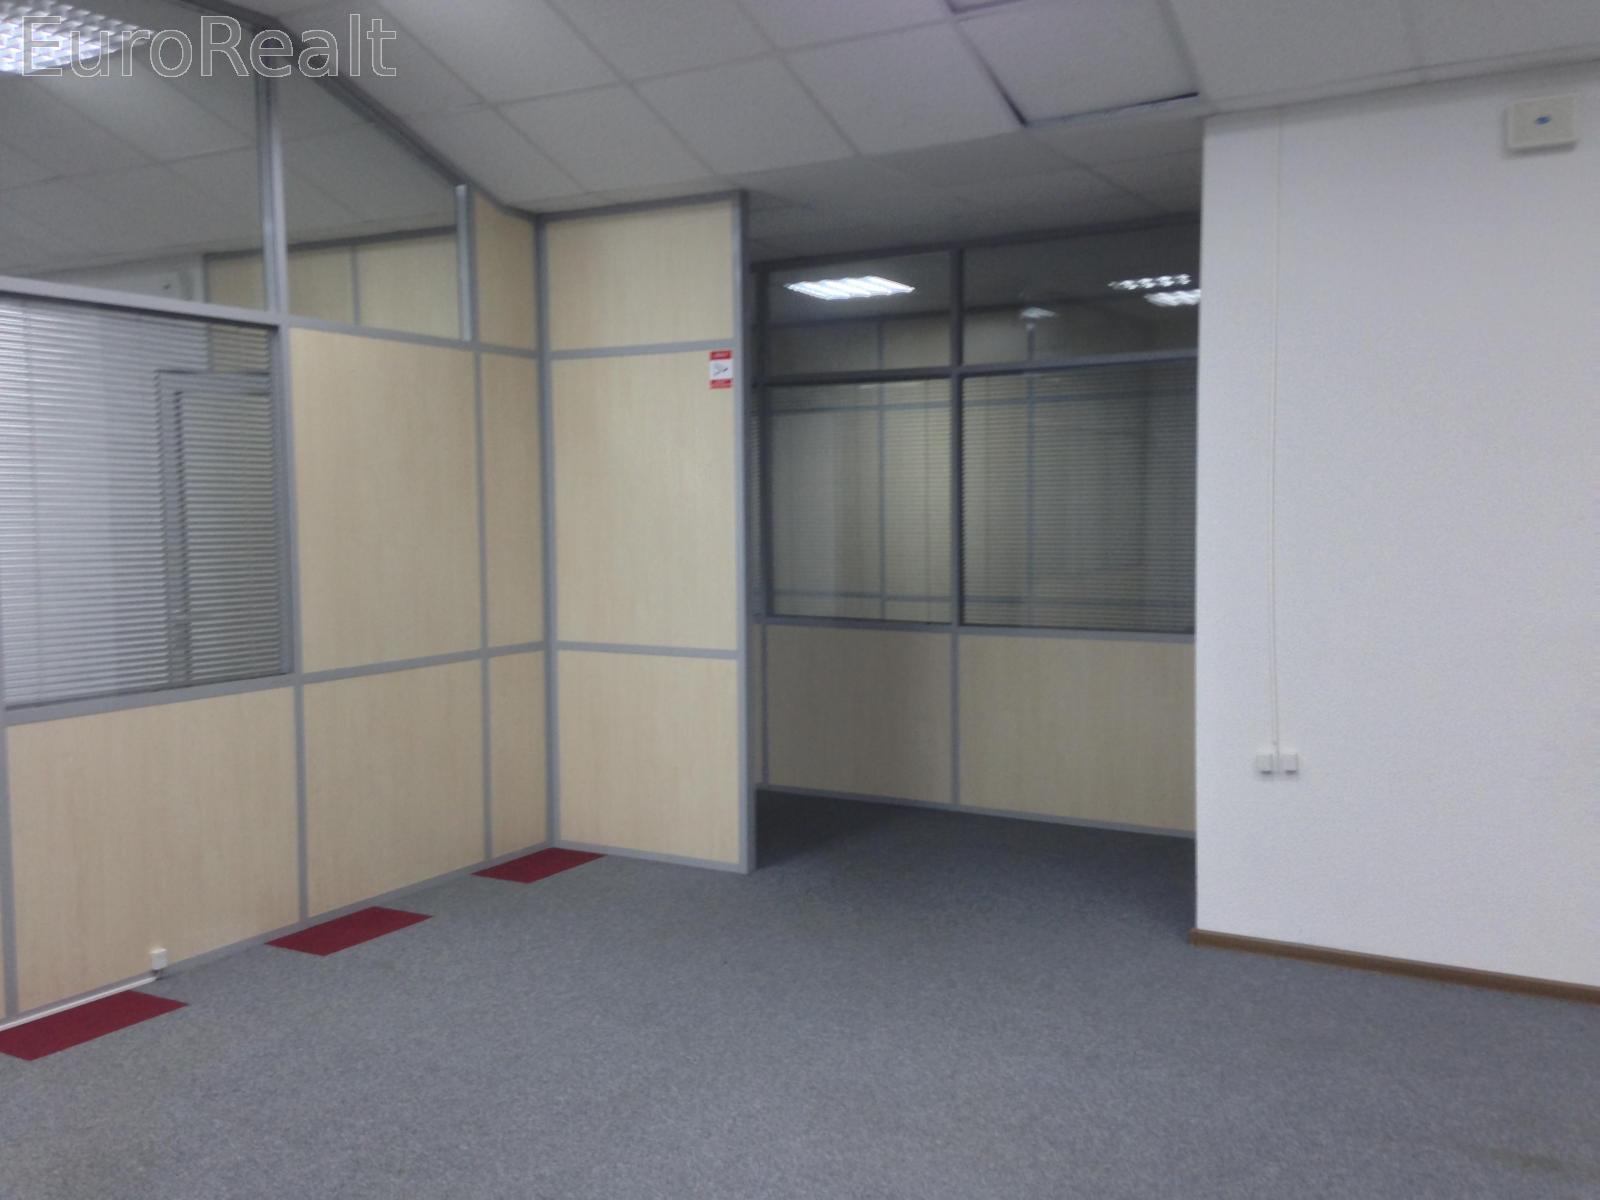 Сдам офис в офисном центре Киев, Сосюры Владимира ул.